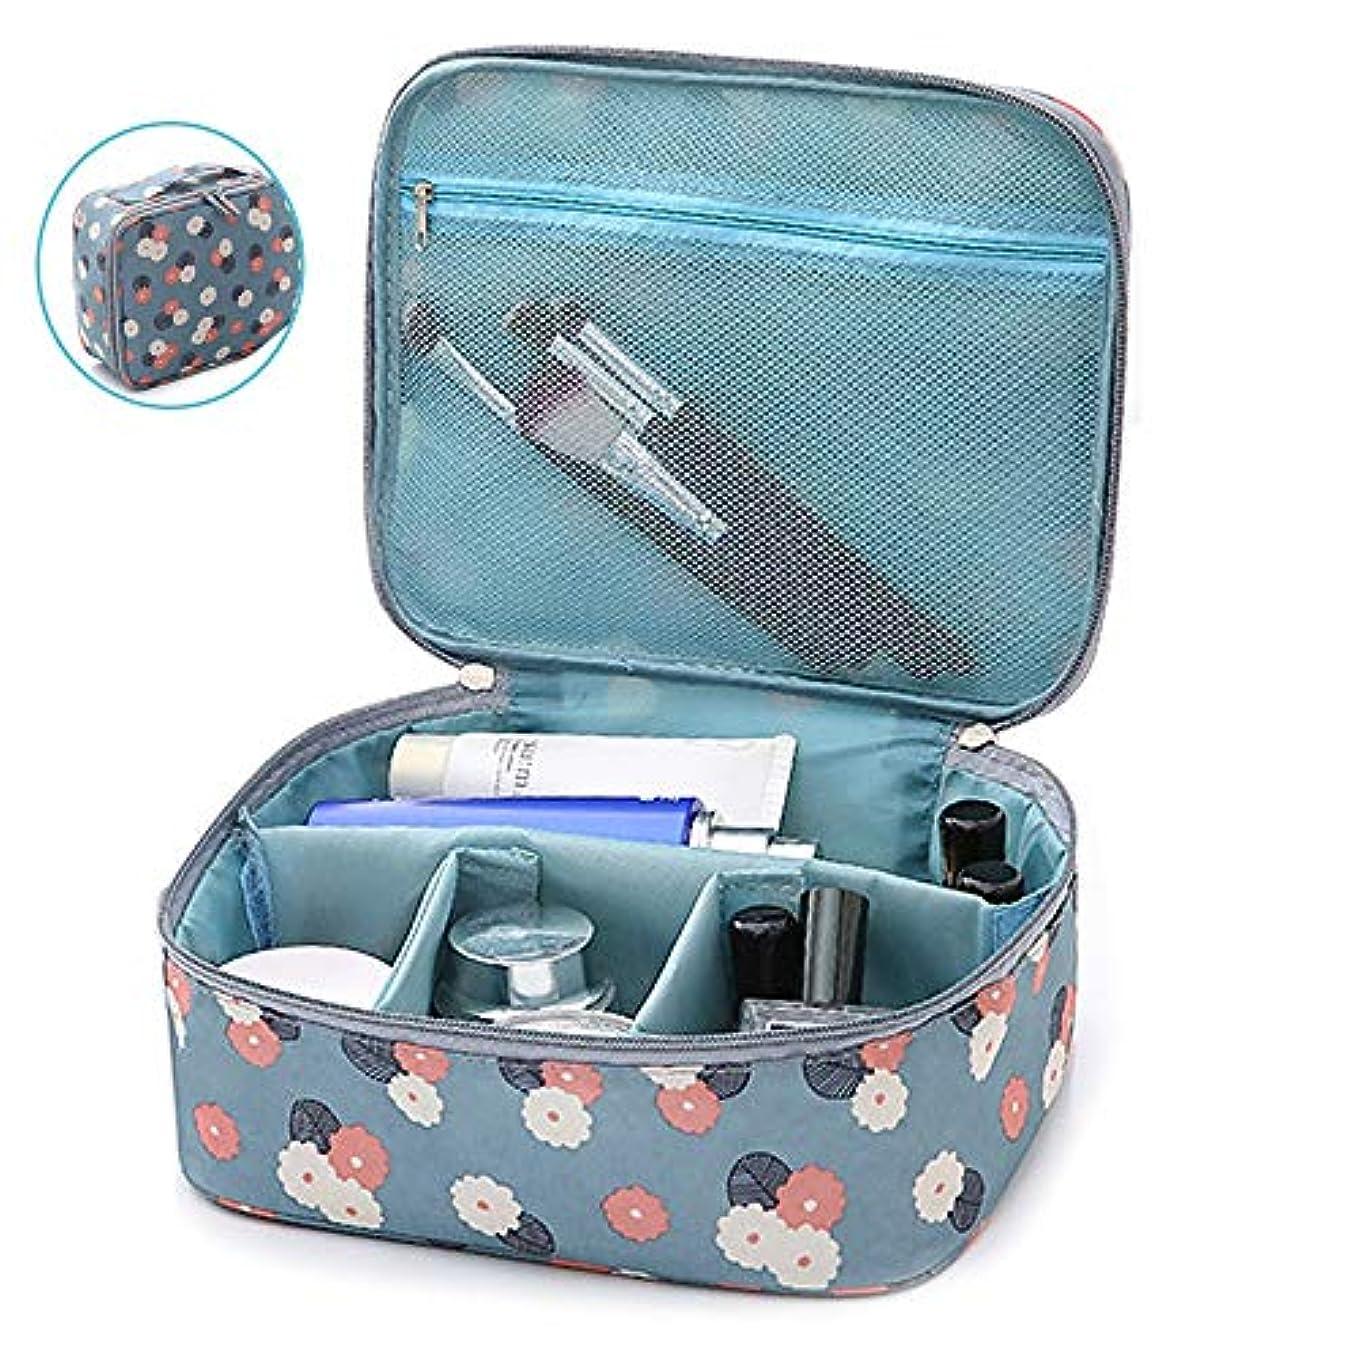 専門用語吐き出す血統メイクボックス プロ用 大容量 コスメボックス 旅行ポーチ 化粧道具 小物収納 メイクポーチ